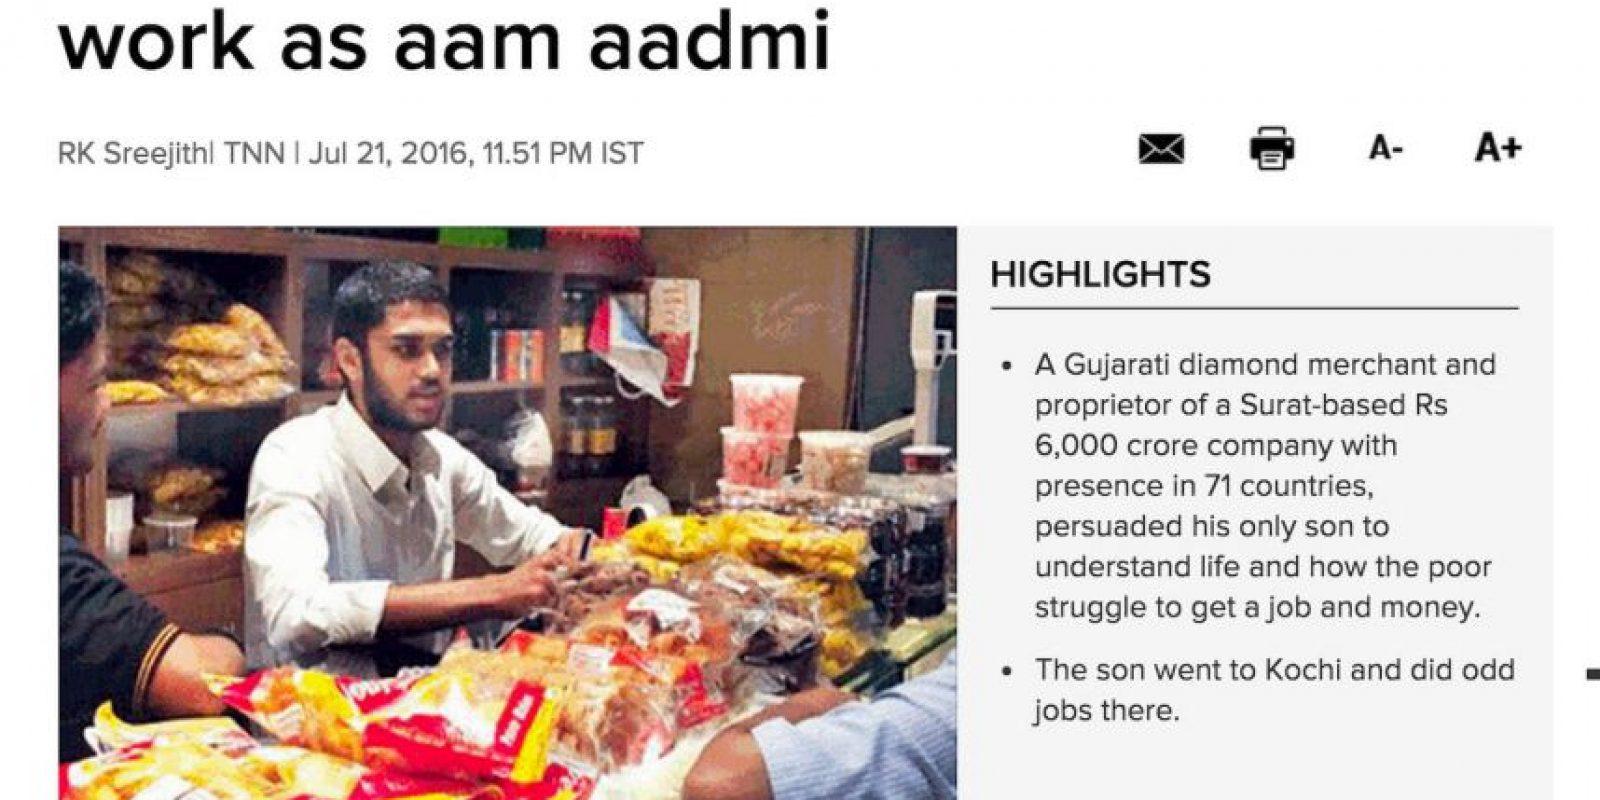 El primer trabajo que Dravya consiguió fue en una panadería. Foto:Reproducción The Times Of India. Imagen Por: